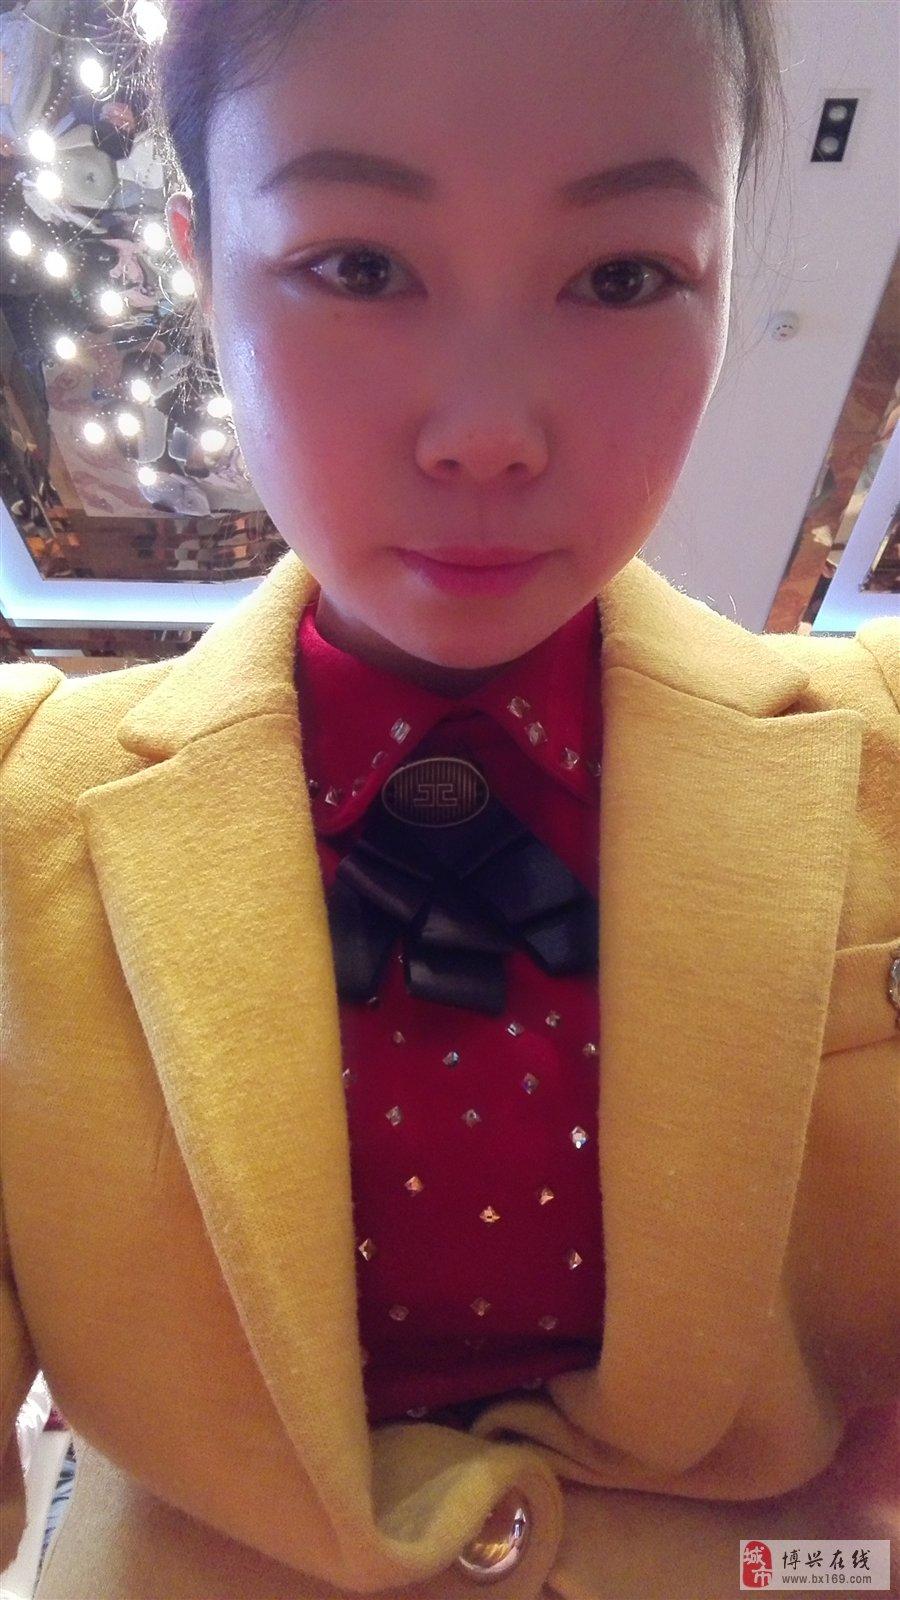 【个体秀场】王响28岁天蝎座美女网美女学佛_美女秀_博图片